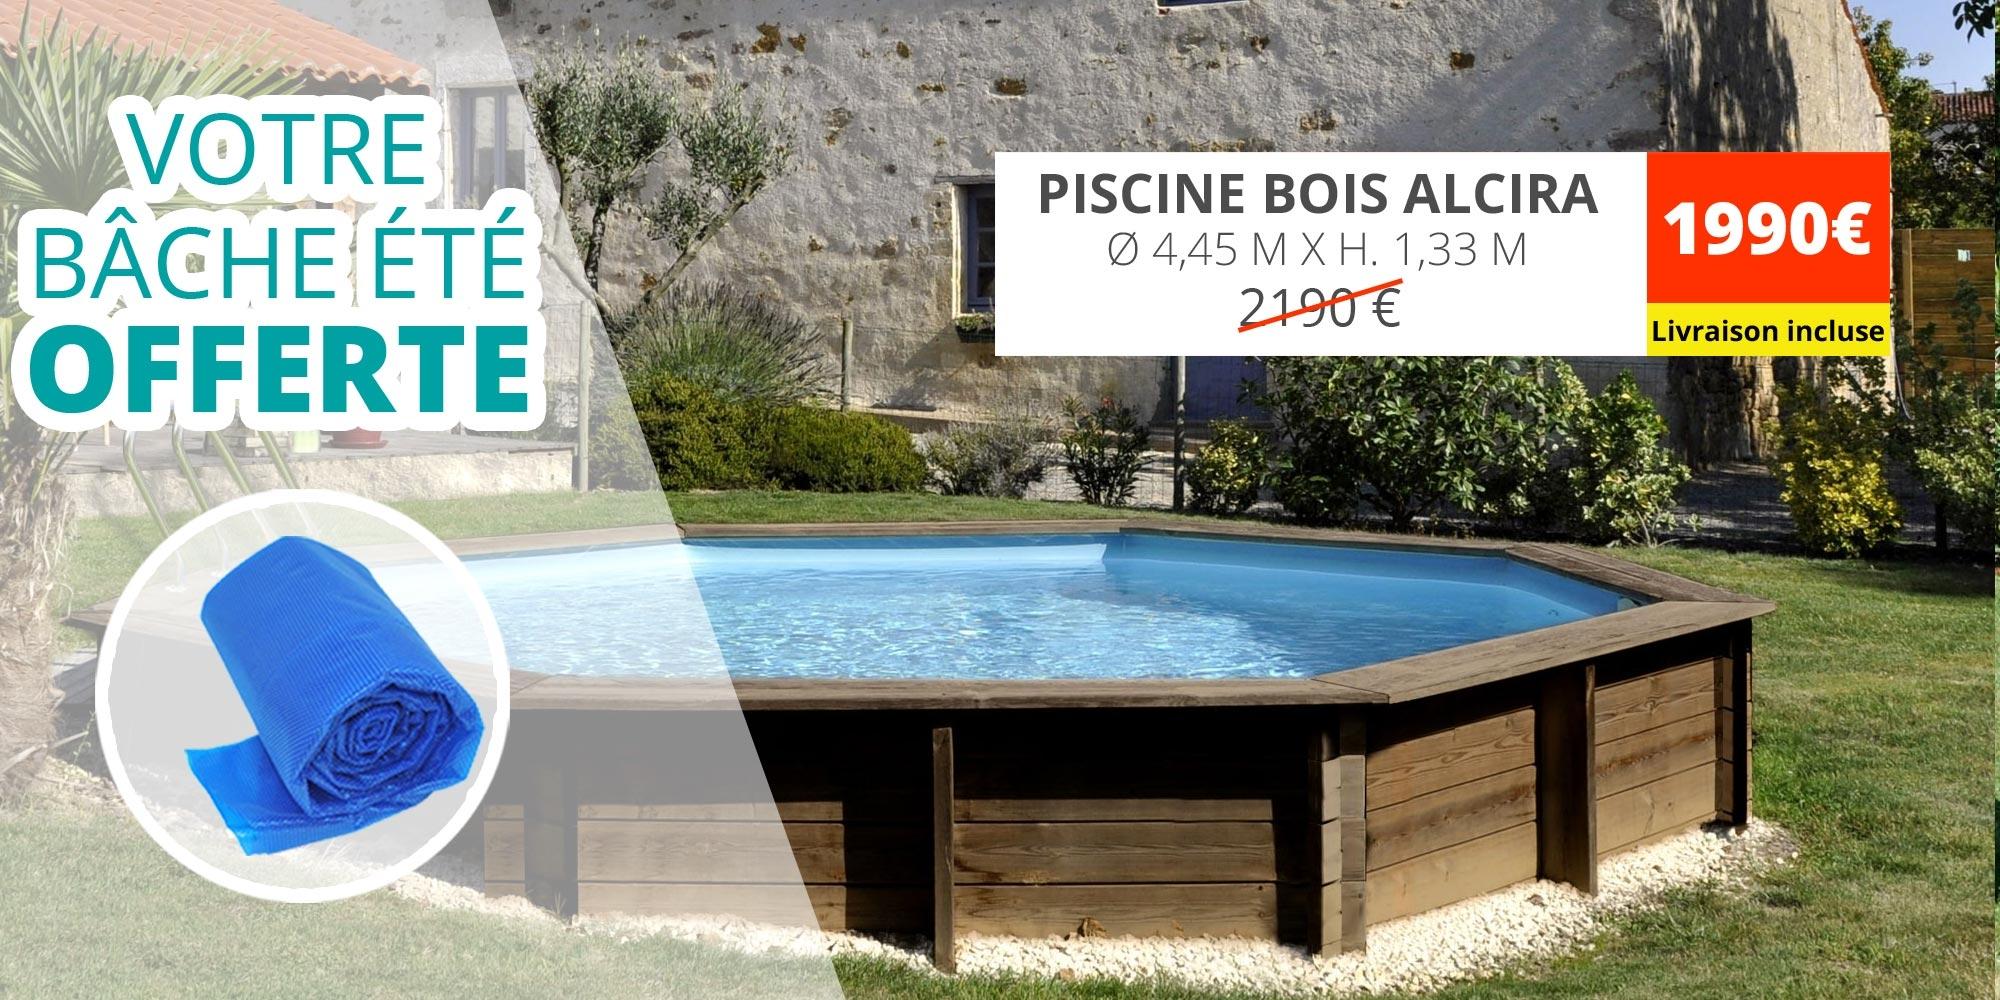 -200€ et bache été offerte pour la piscine bois ronde alcira